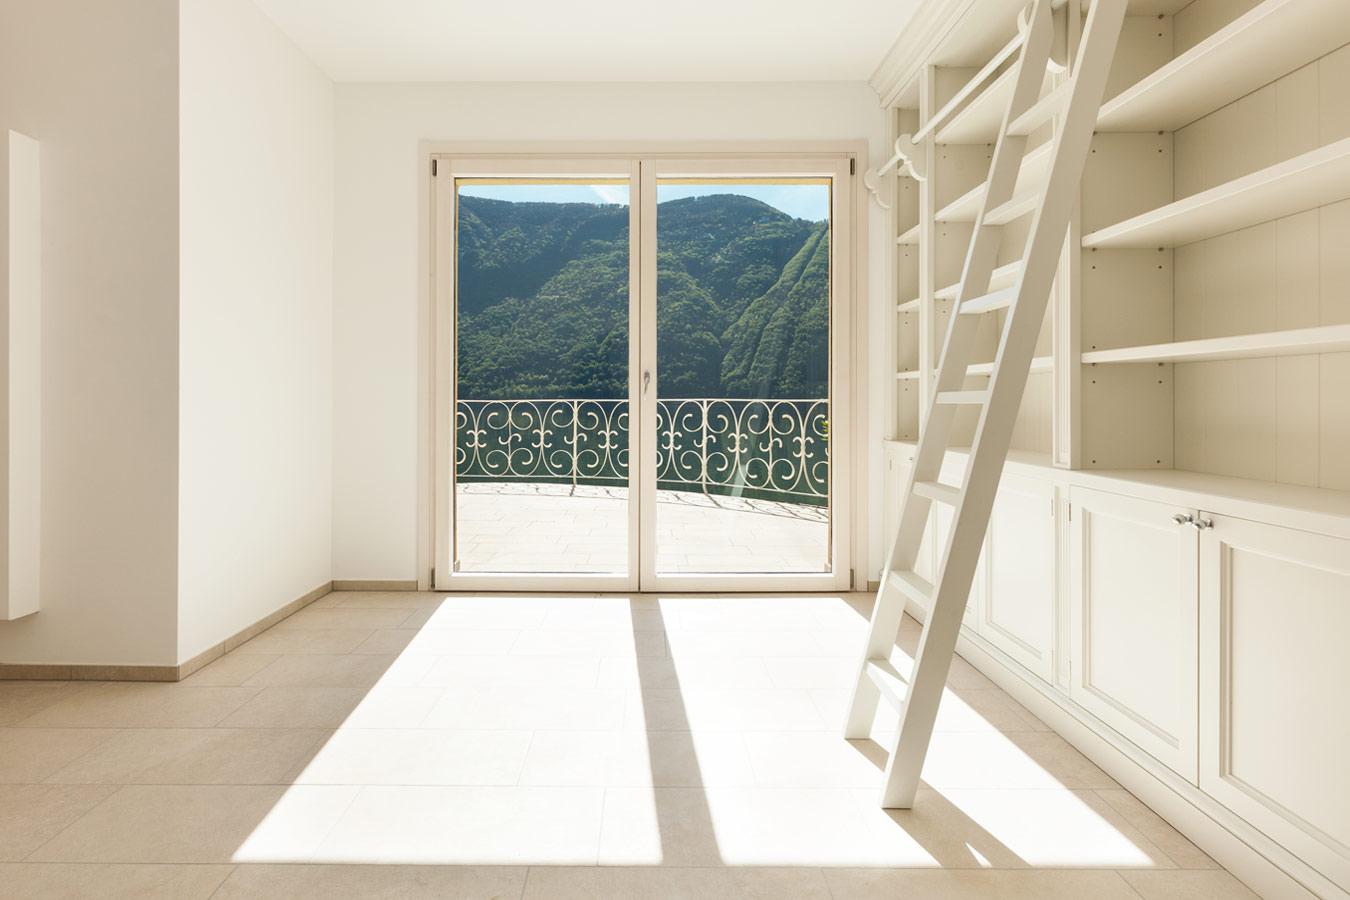 Keuken kleuradvies witte keuken : Witte dressing met ladder - Meubels u0026 kasten op maat